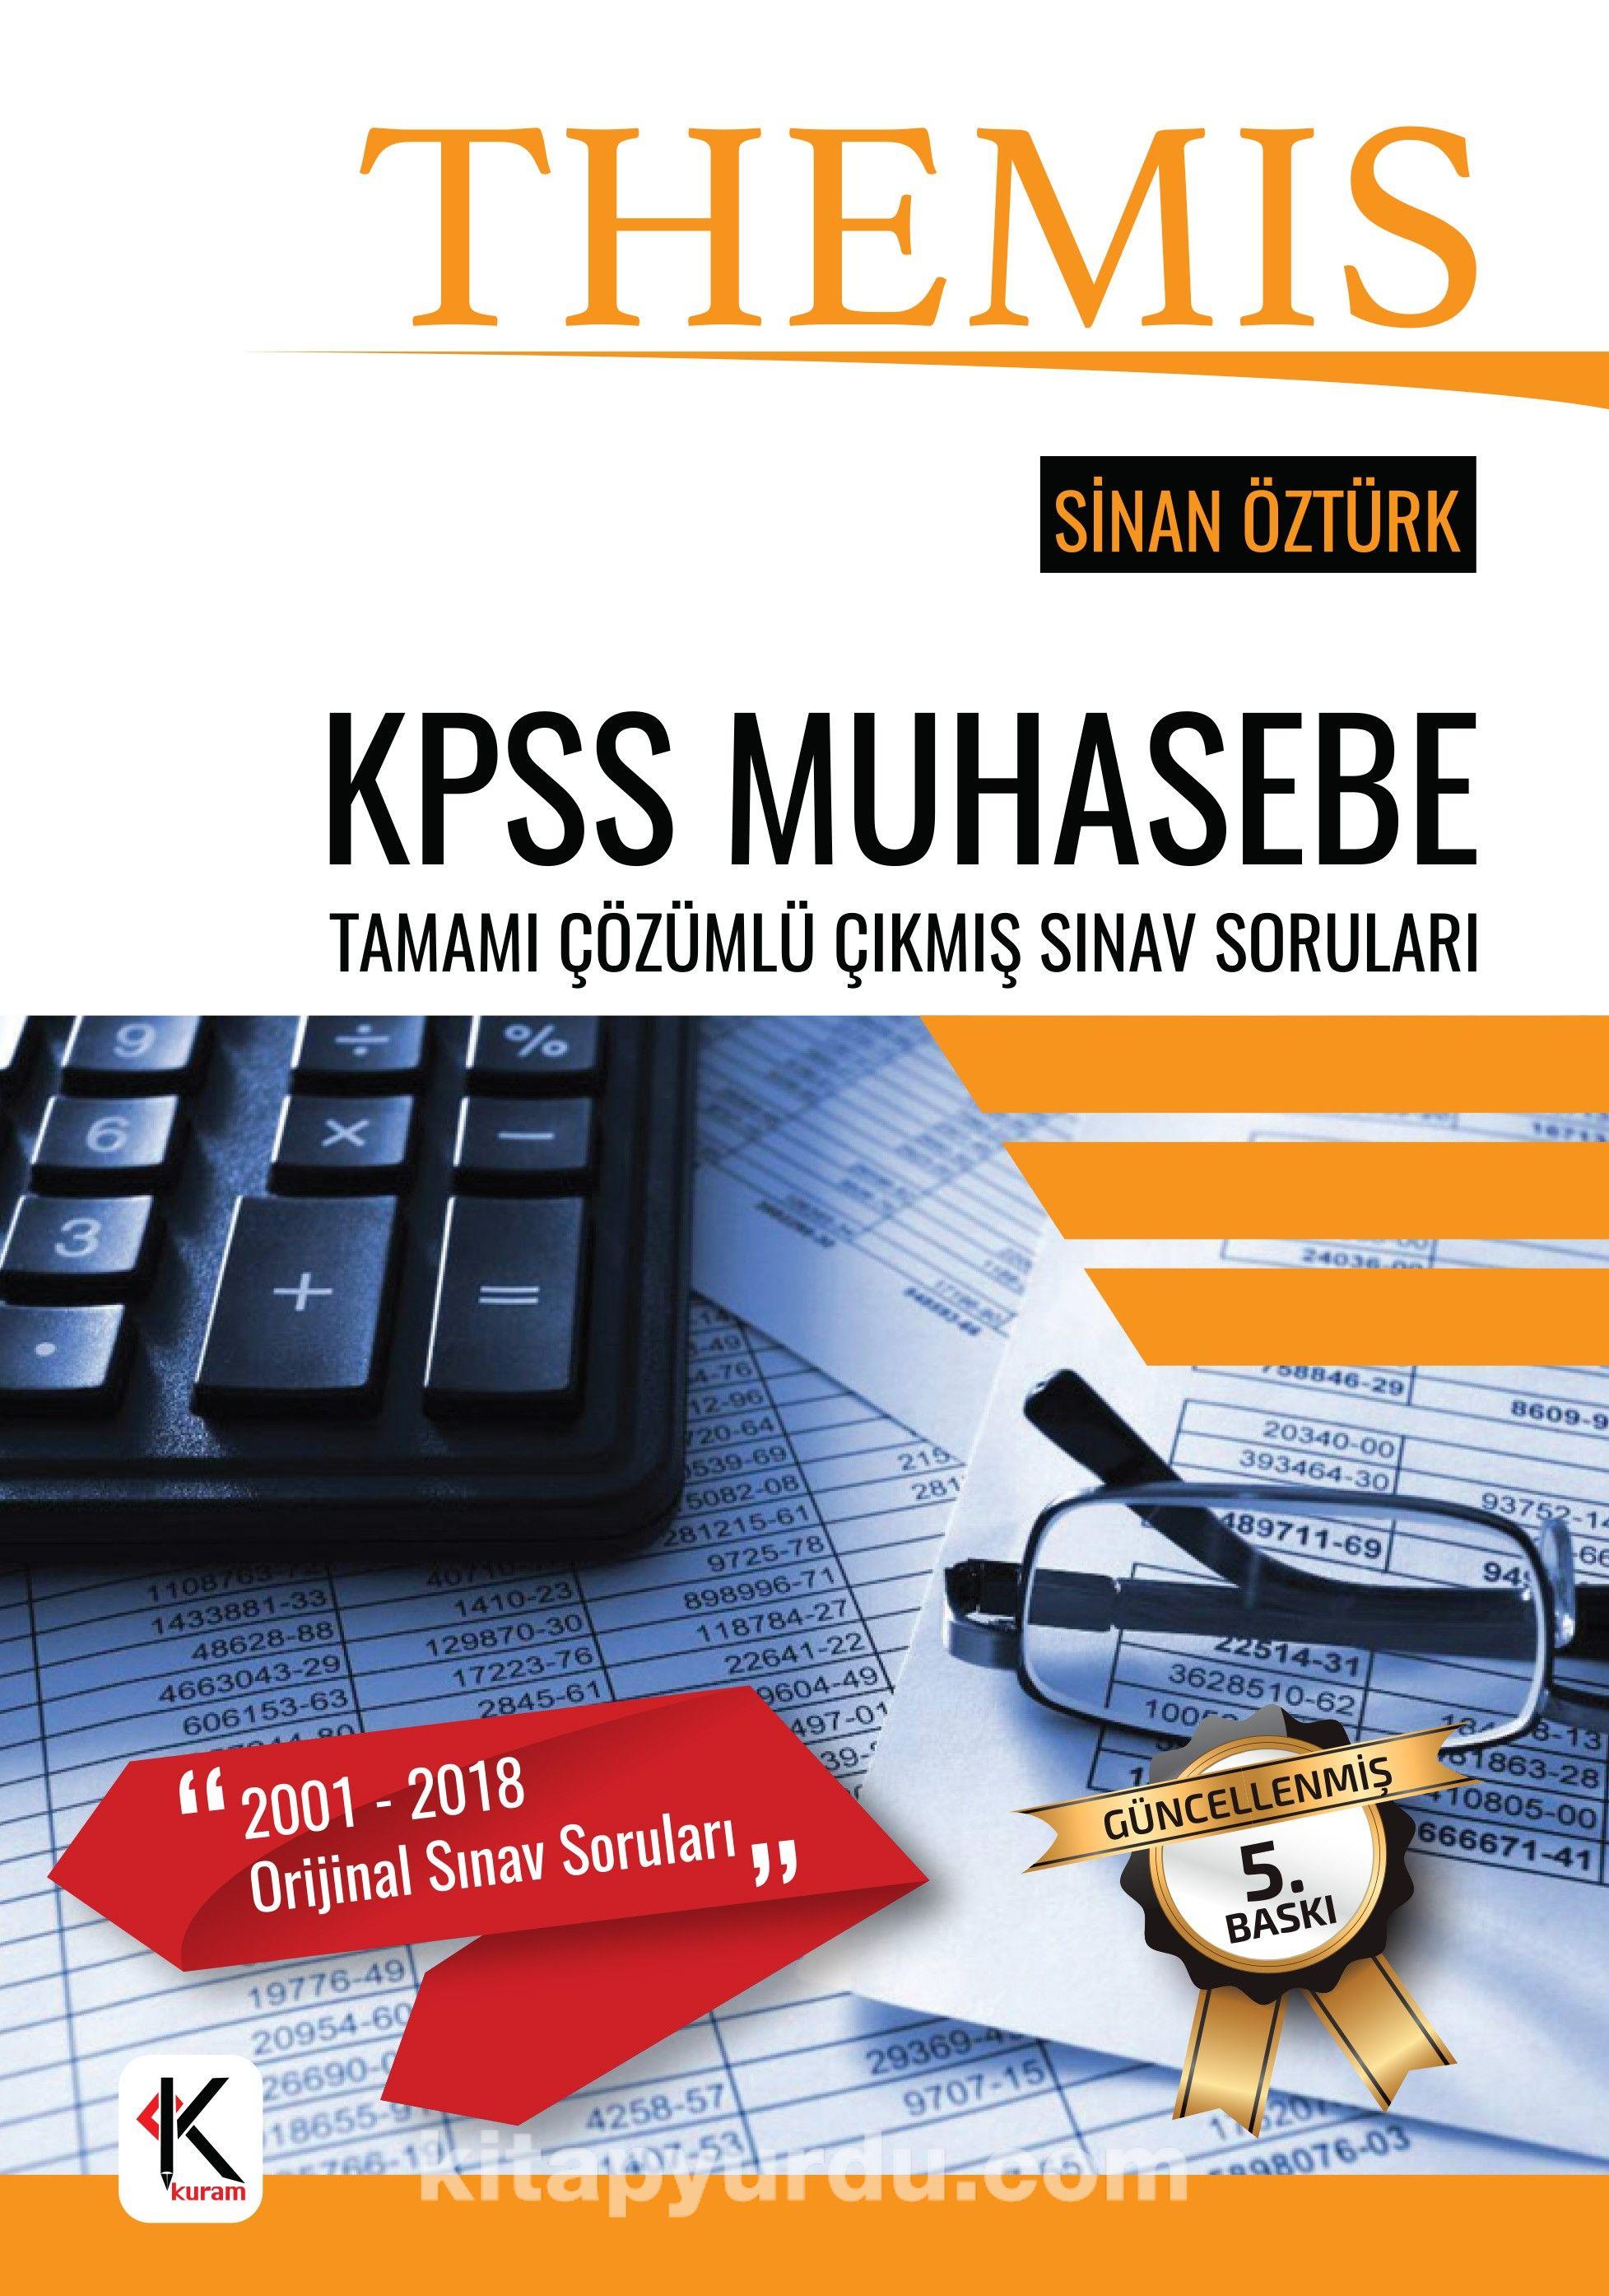 KPSS THEMIS Muhasebe Tamamı Çözümlü Çıkmış Sınav Soruları Pdf İndir